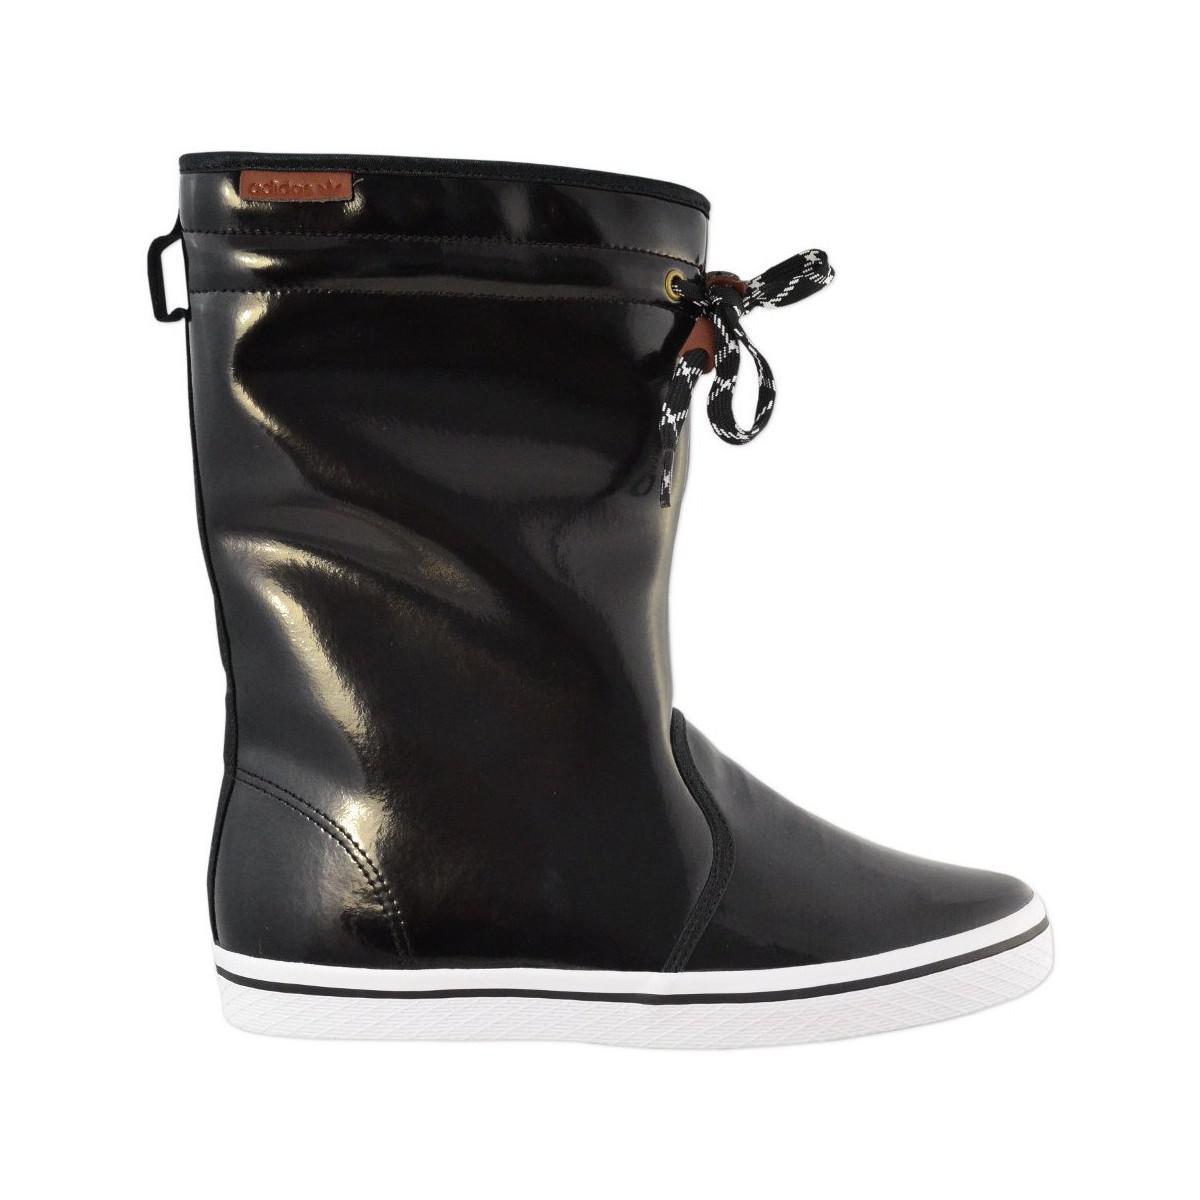 dameslaarzen Adidas Boot Lyst in Black W Honey wwORT6qBt